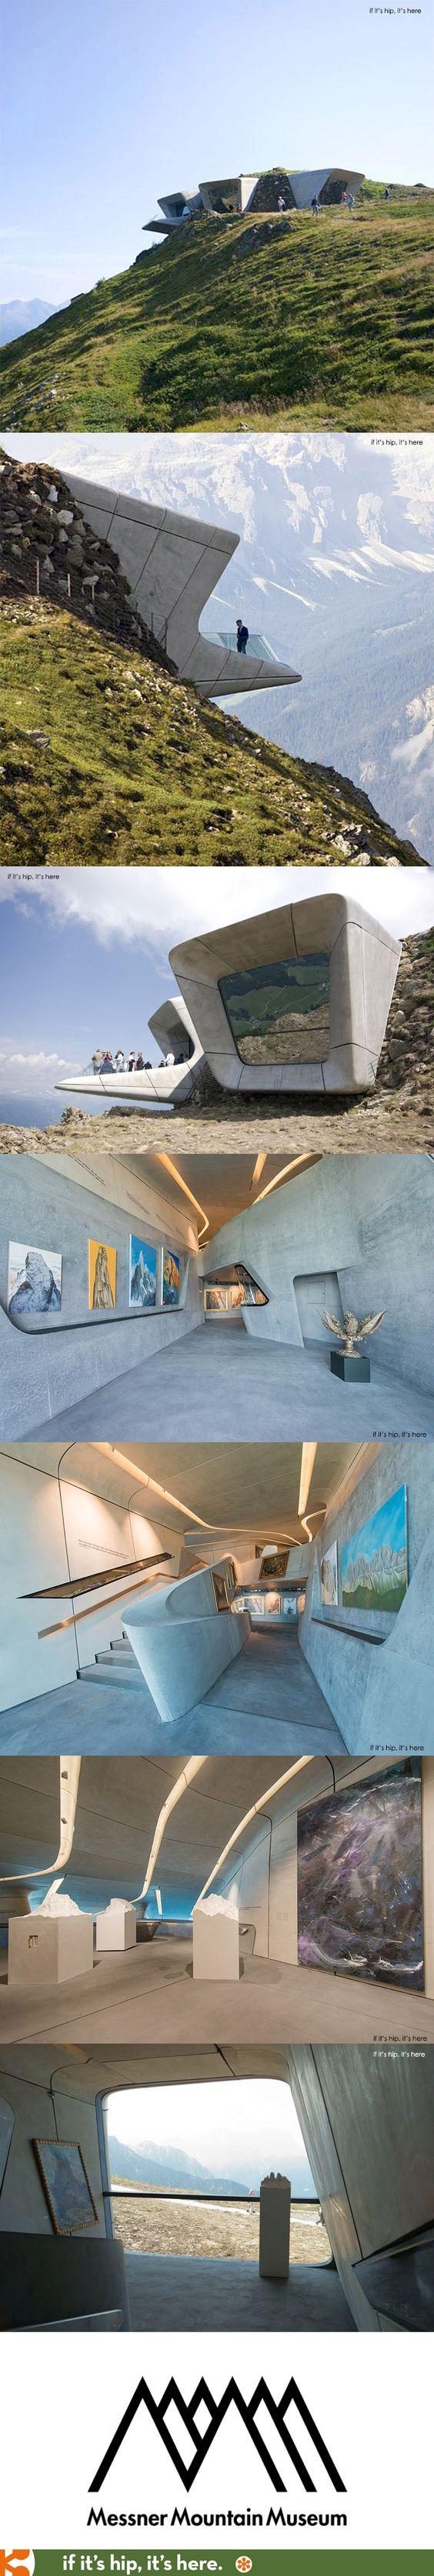 Futuristic architecture by Zaha Hadid: the Messner Mountain Museum easily blends sci-fi architecture and nature. // Futuristische Architektur Zaha Hadids: Das Messner Mountain Museum vereint Sci-fi Architektur gekonnt mit der natürlichen Umgebung. #FutureLiving #futuristic #MessnerMountainMuseum #ZahaHadid #Architecture